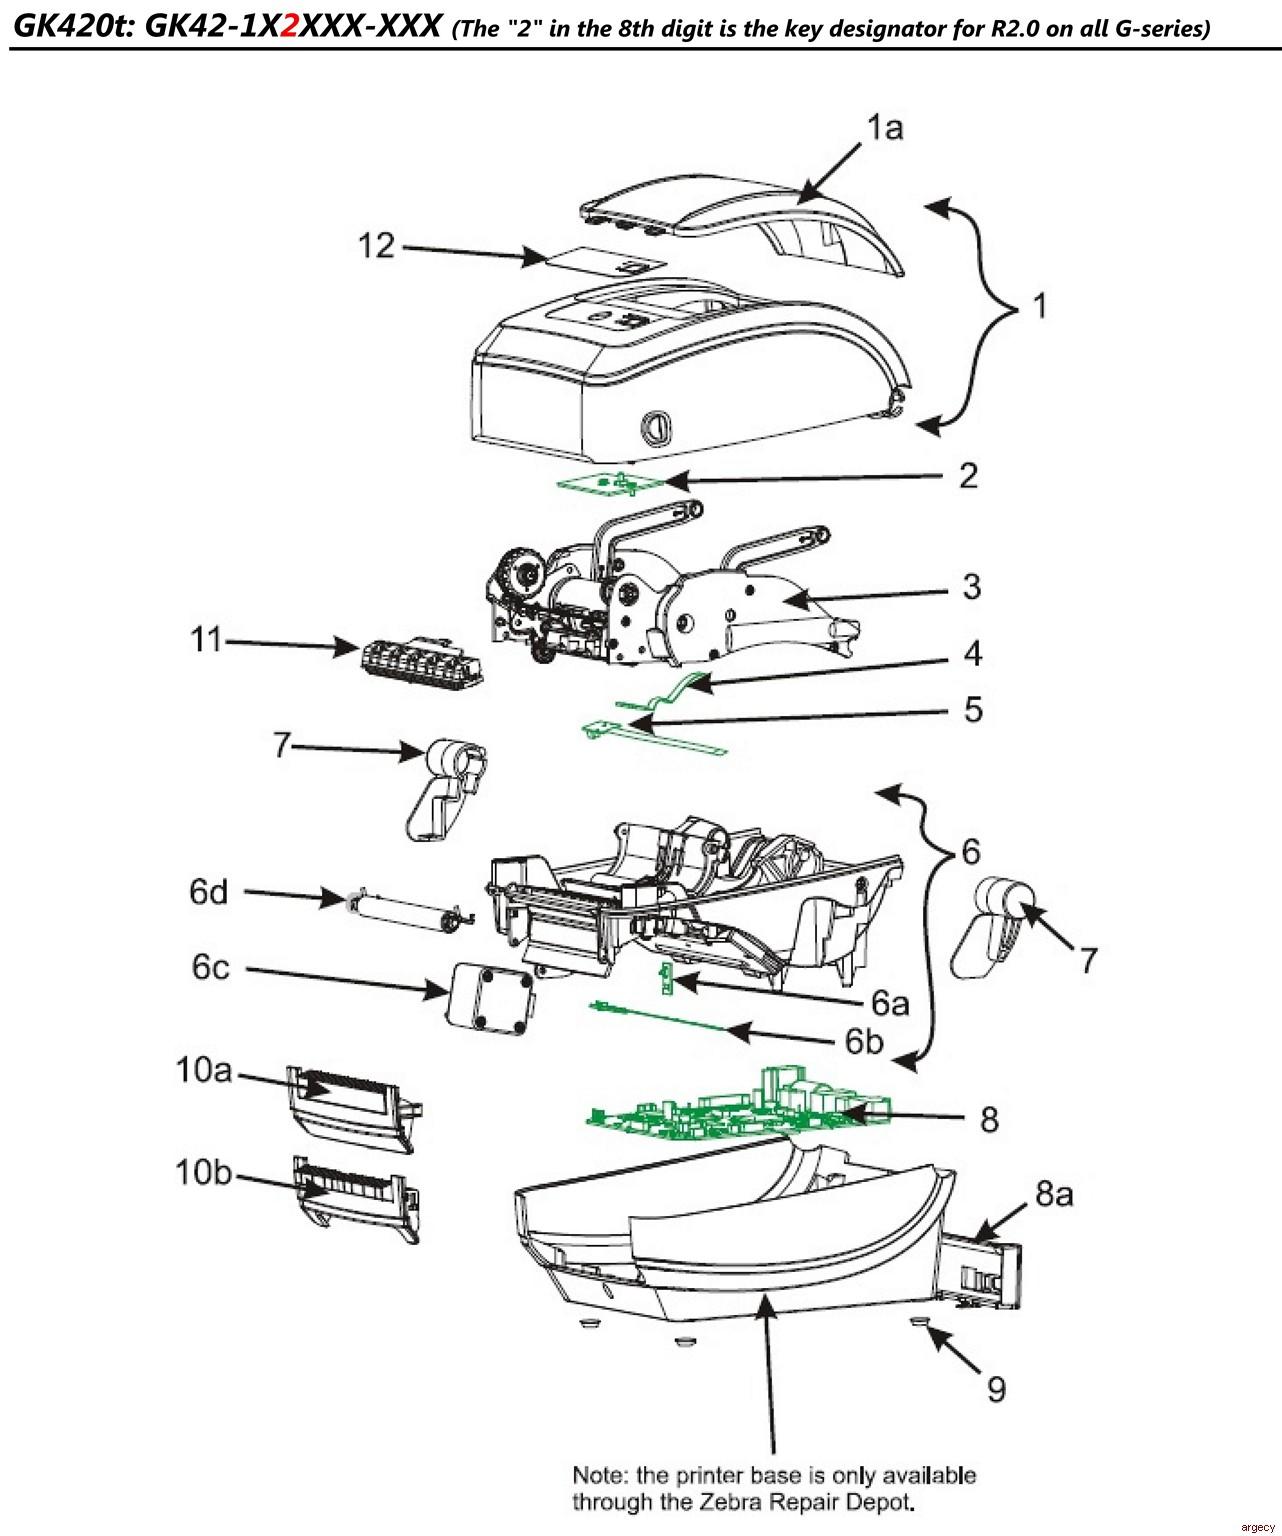 Zebra Gk420d Gk420t Gx420d Gx420t Gx430t Parts